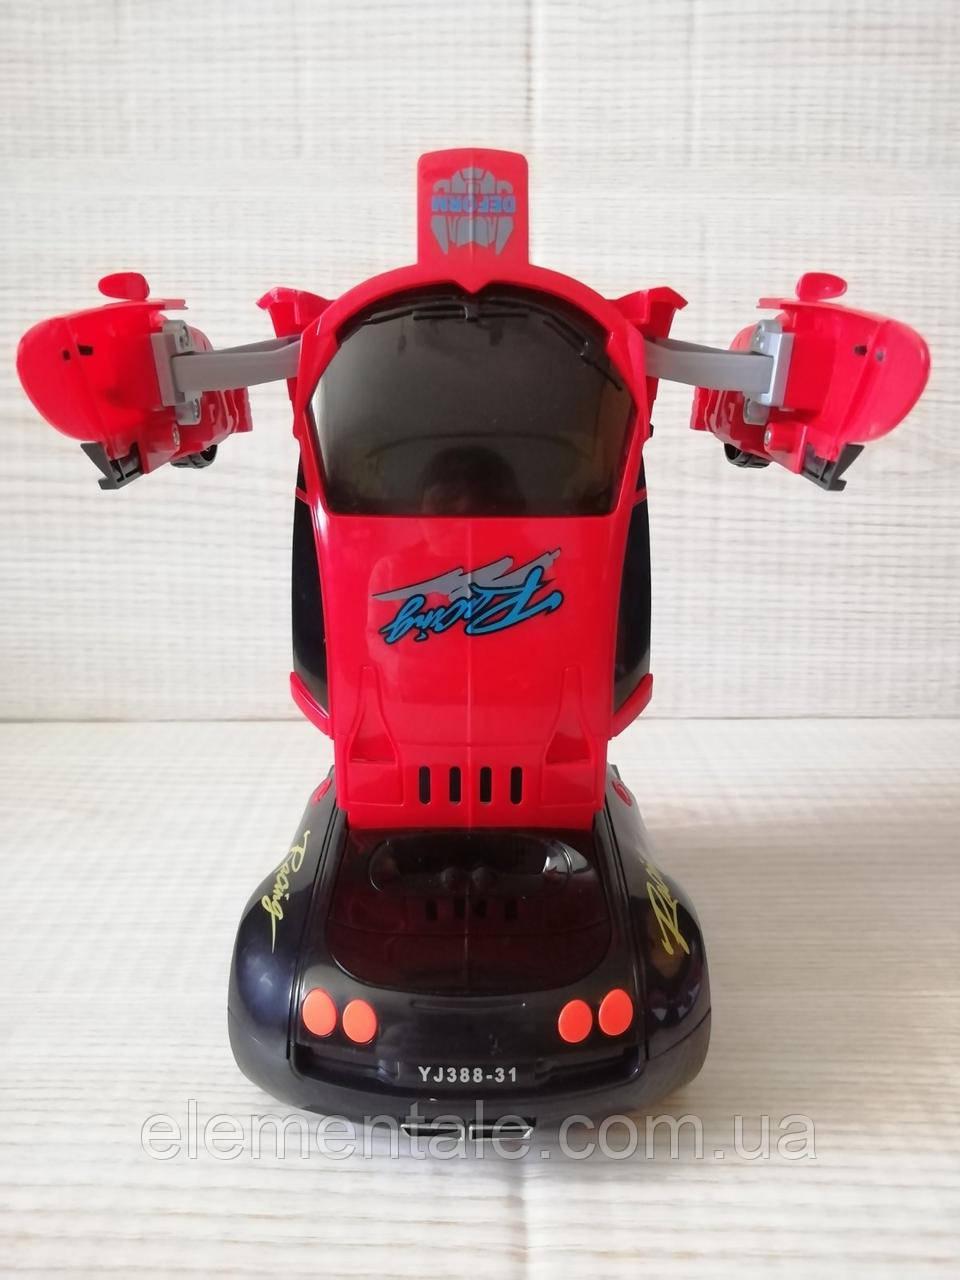 Машинка трансформер Deform Robot музыкальная светящаяся красная для детей